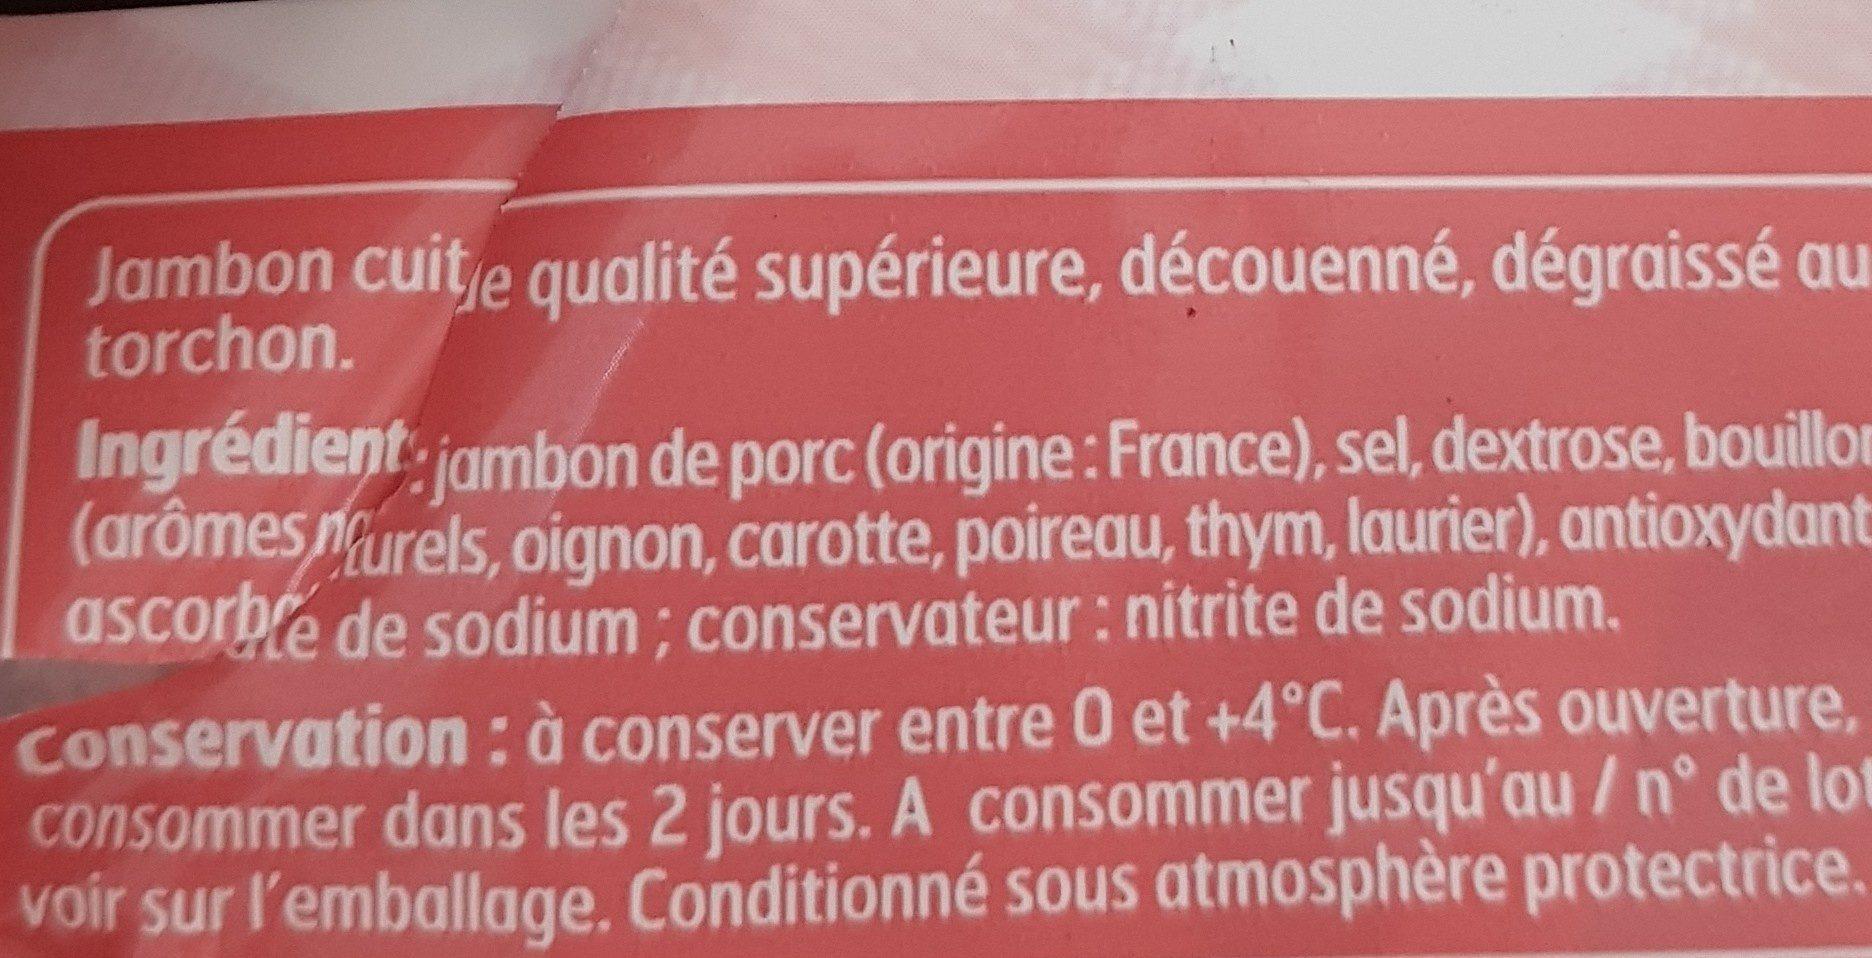 Jambon supérieur cuit au torchon - Ingrediënten - fr